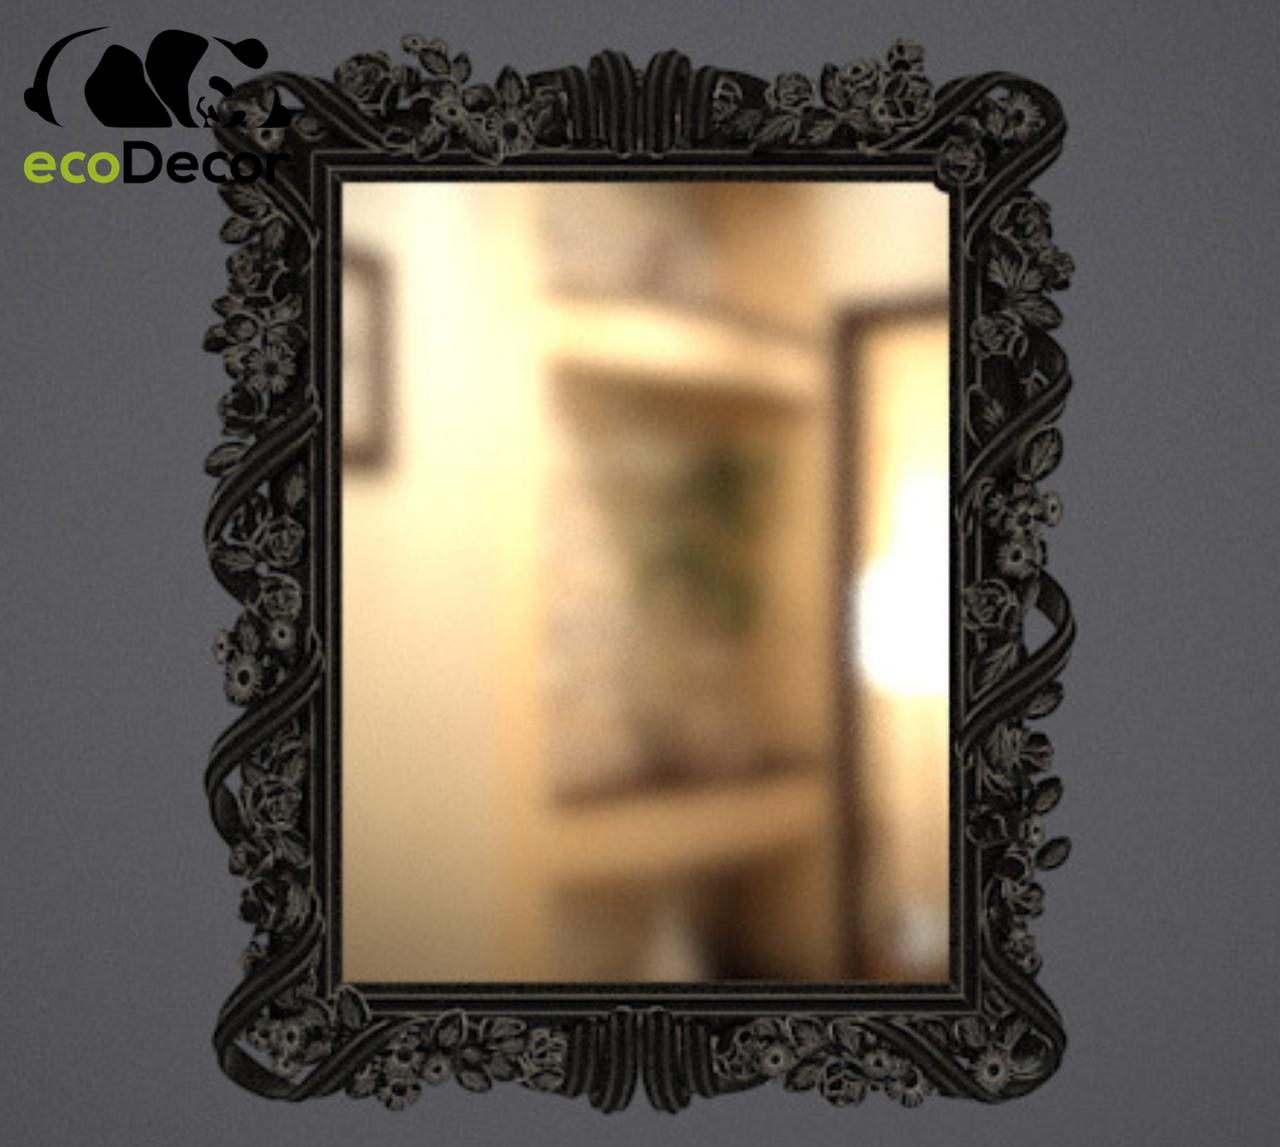 Зеркало настенное Gomel в черной с белым раме